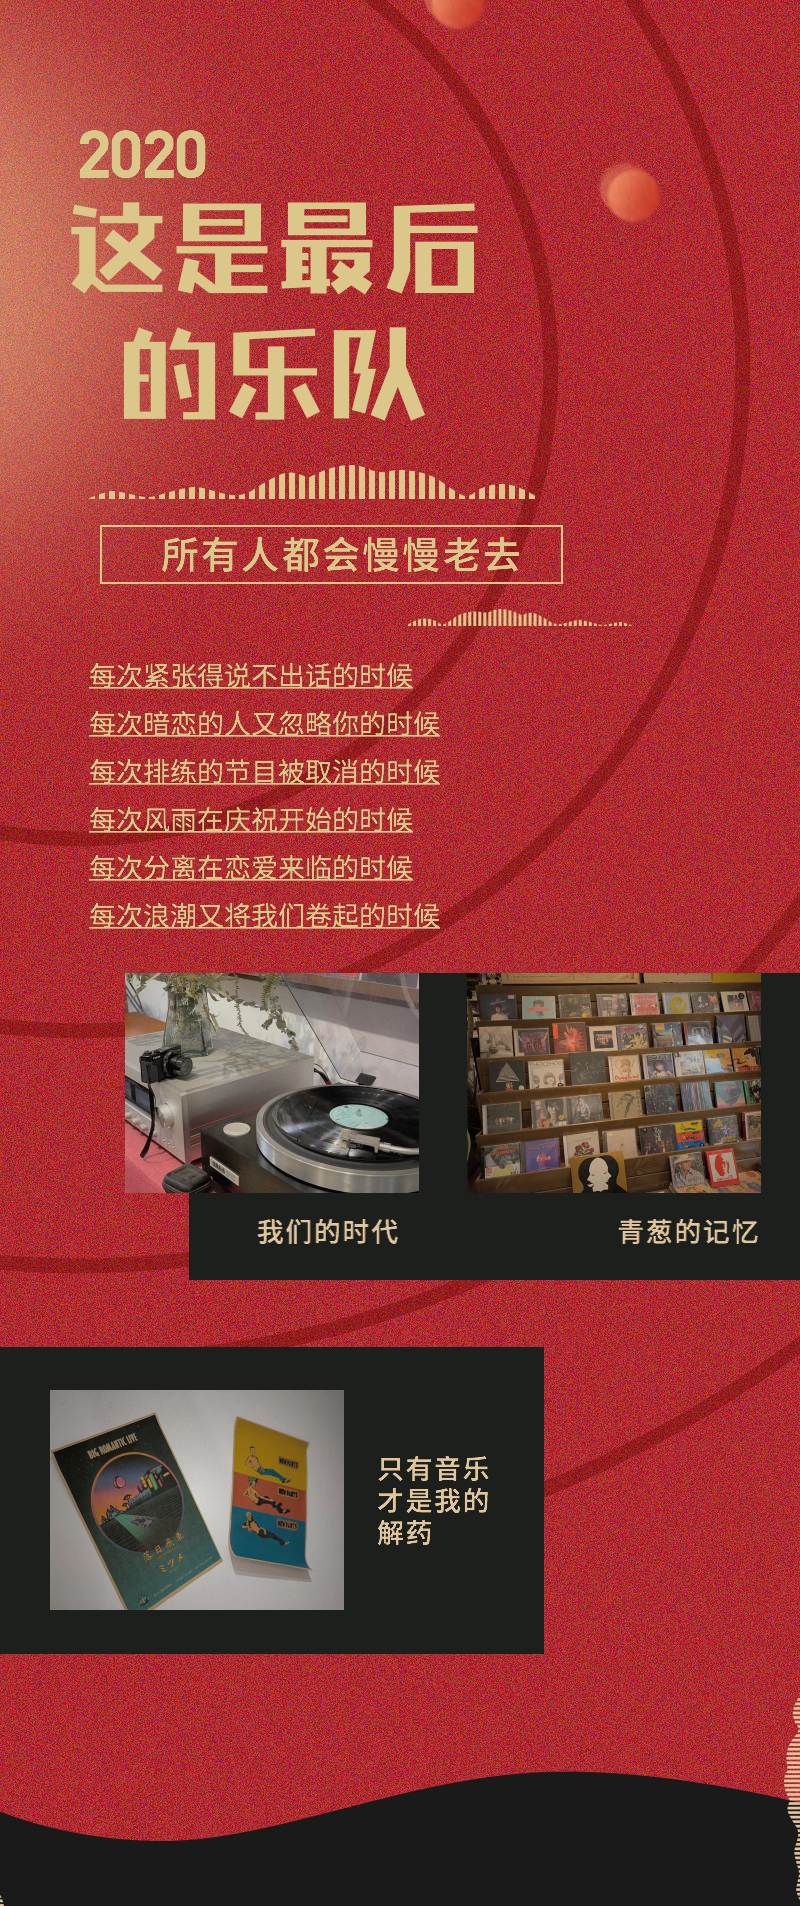 郑州唱片店消亡史:一代人终将老去,但总有人正年轻!